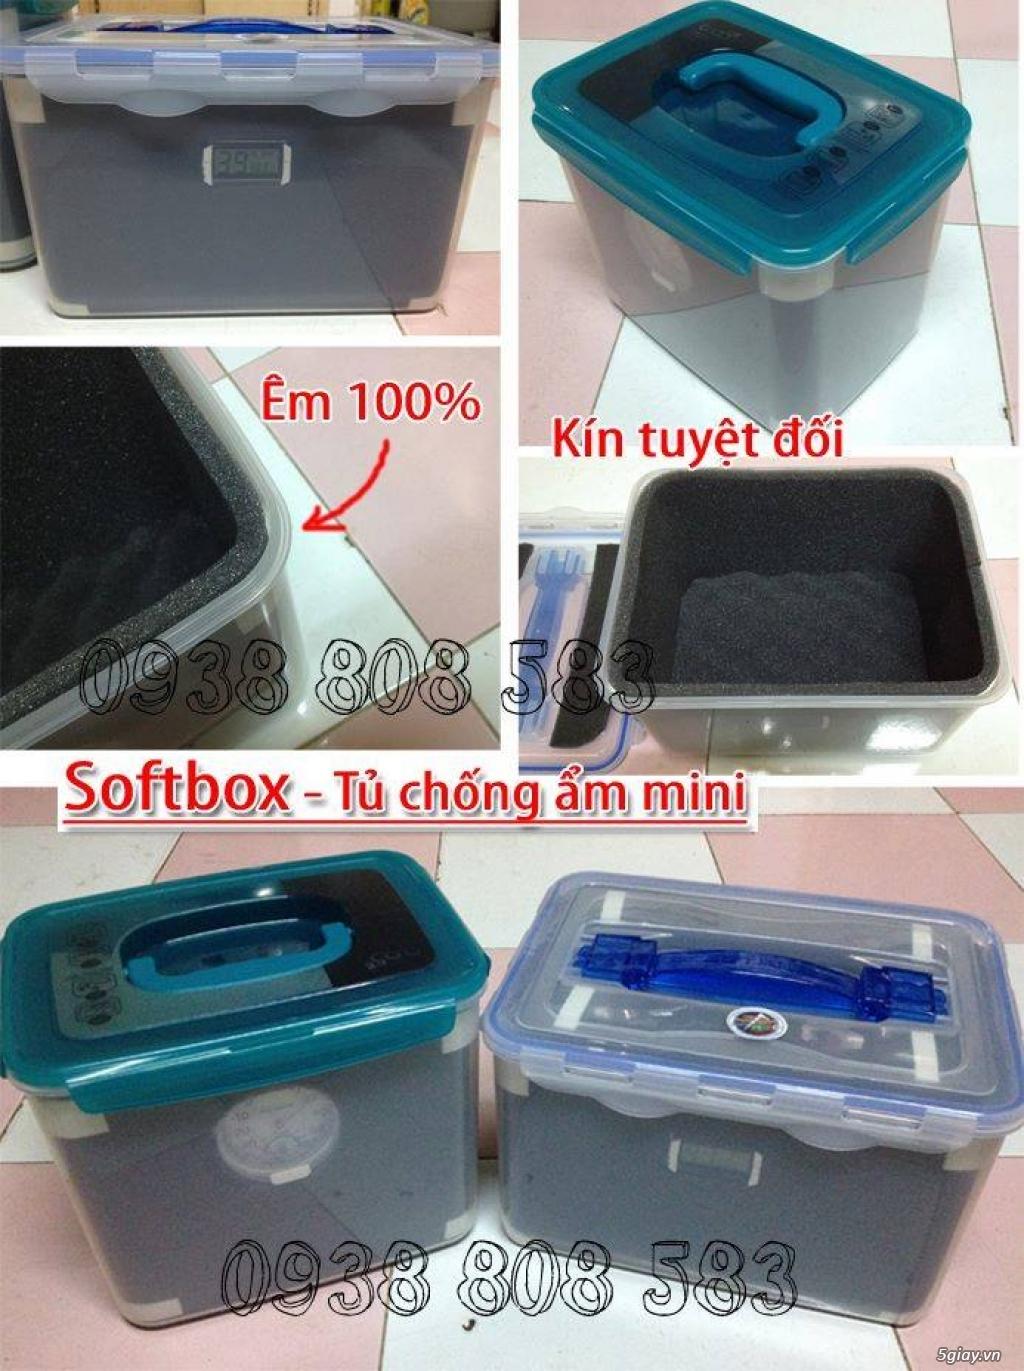 [mshopcamera] hộp chống ẩm, hạt hút ẩm (xanh, trắng), ẩm kế cơ, điện tử, mút chống sốc - giá rẻ !!! - 15